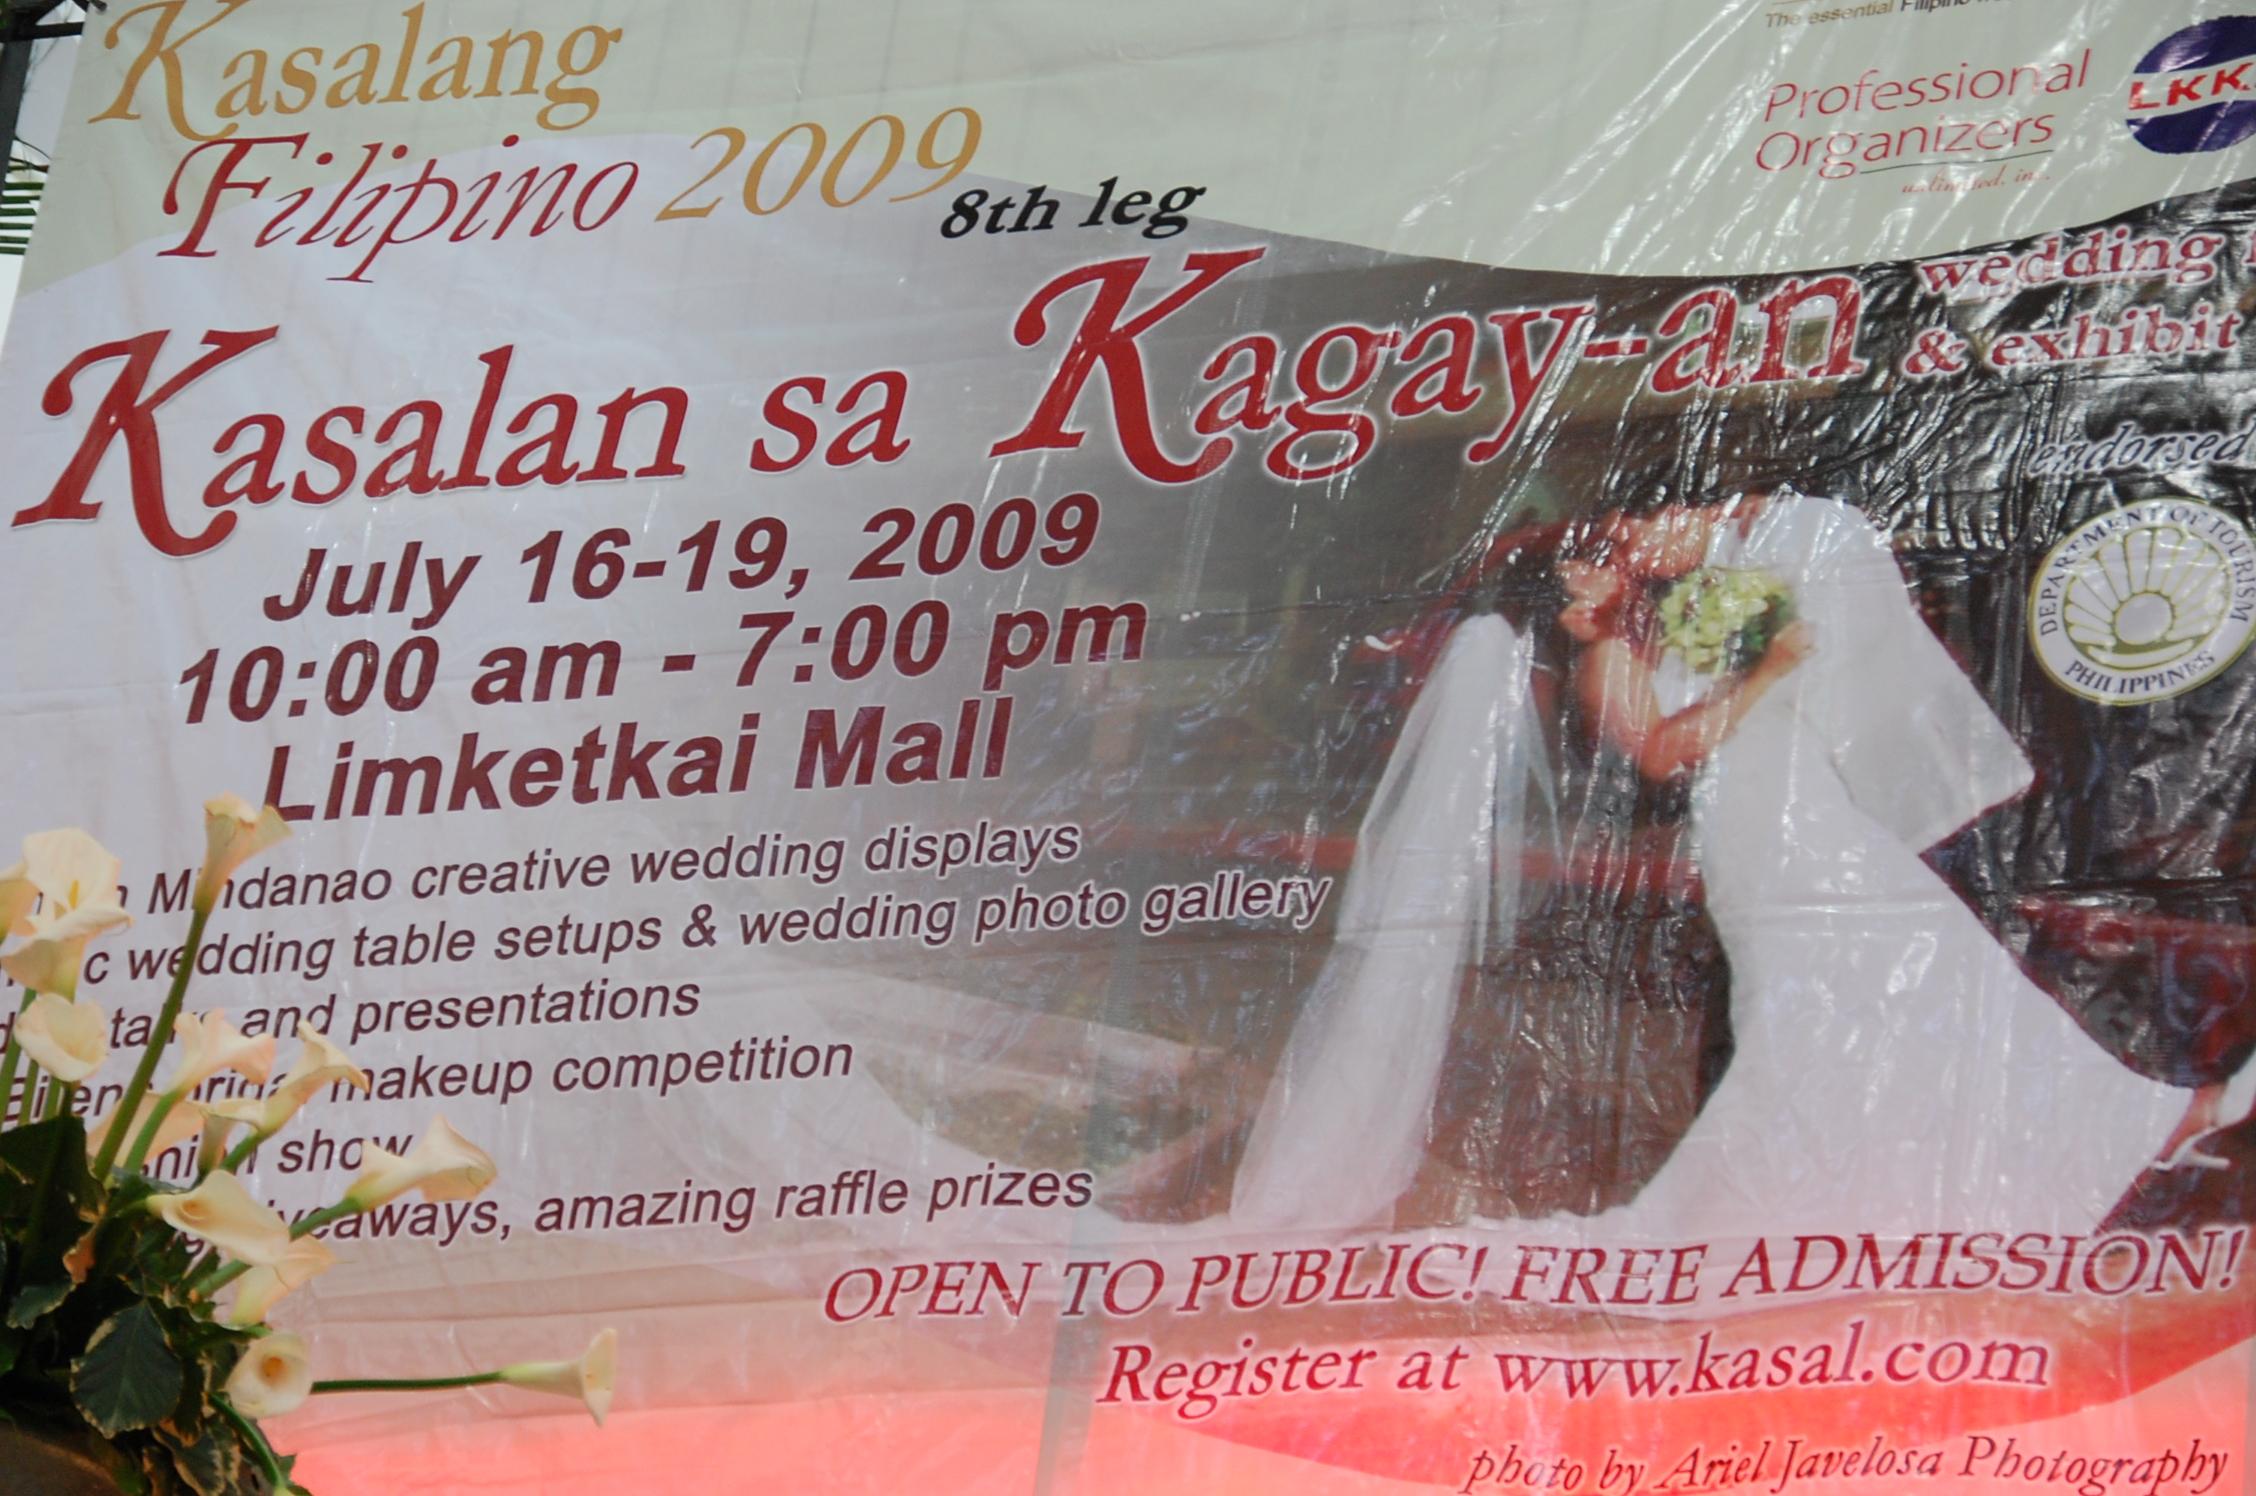 kasalan sa kagay-an 2009 (photo by www.mindanaoan.com)